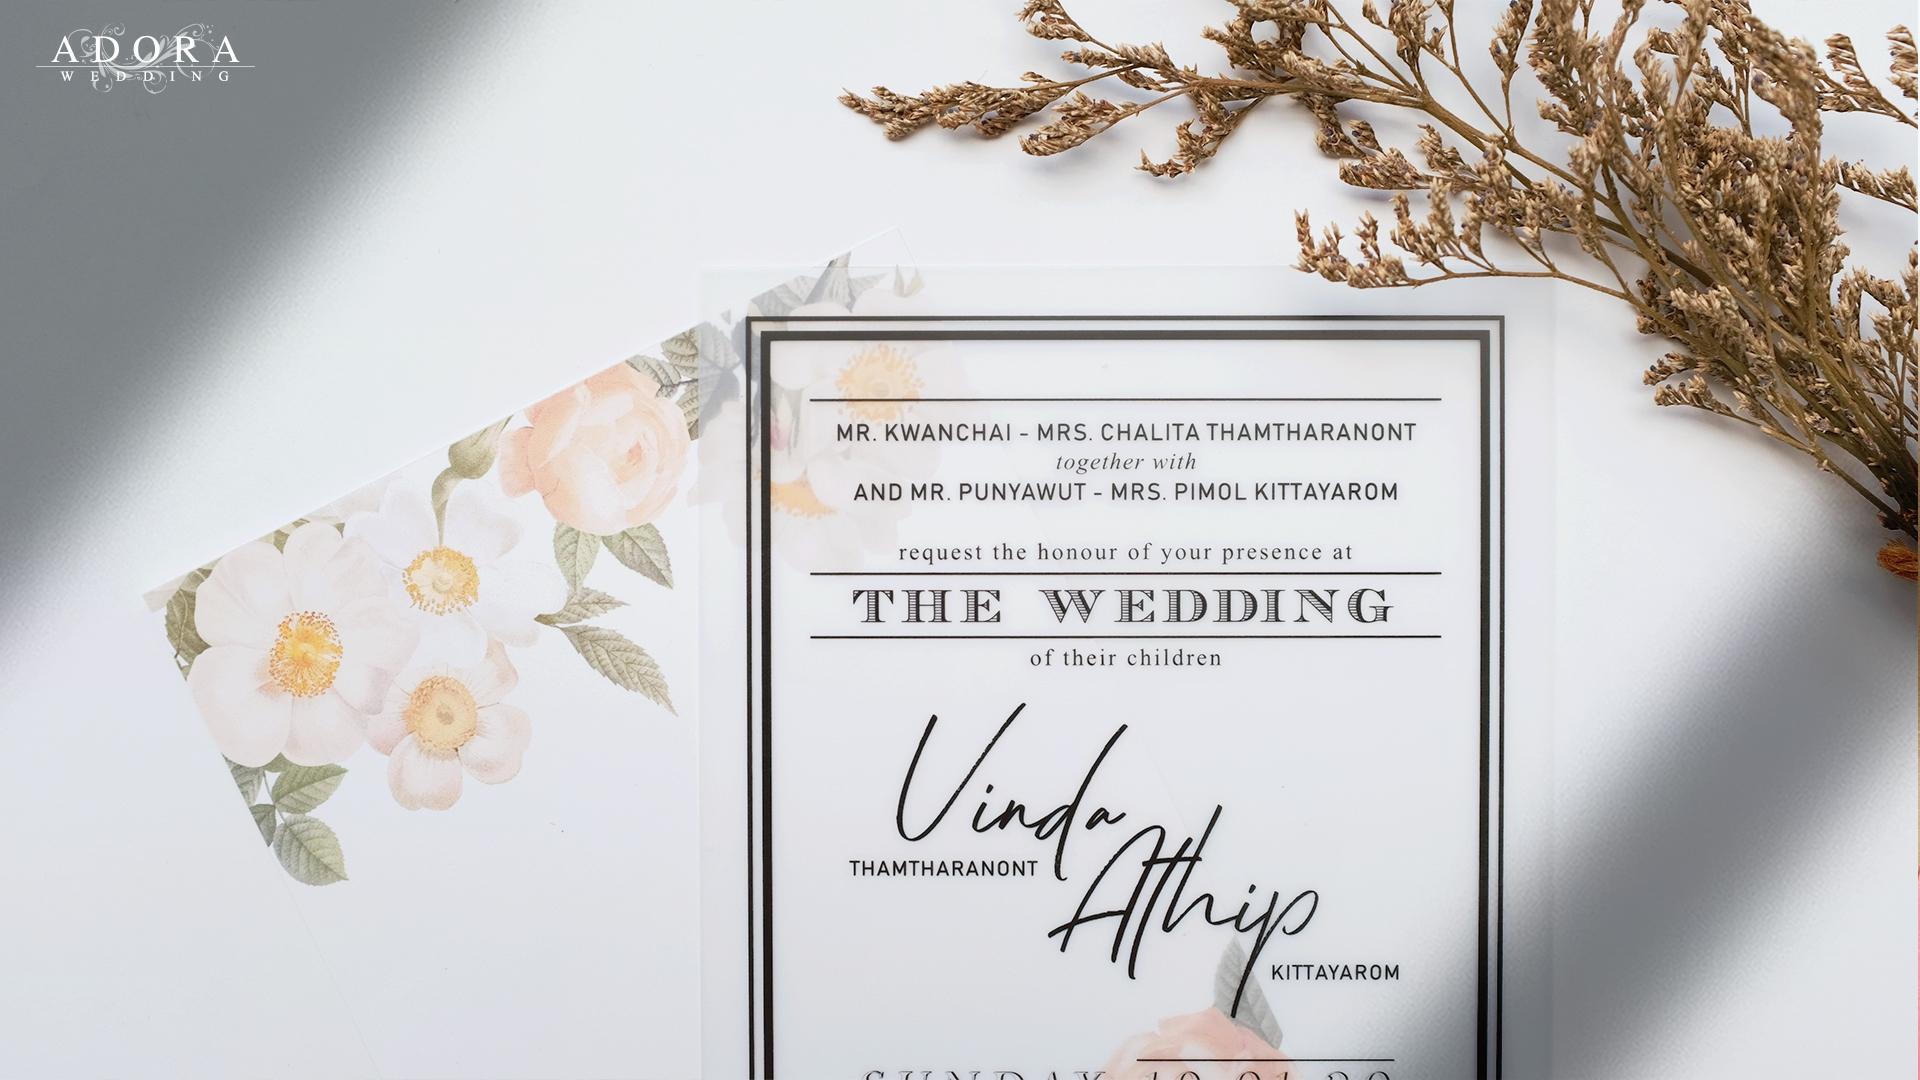 B124LY-wedding-card-3